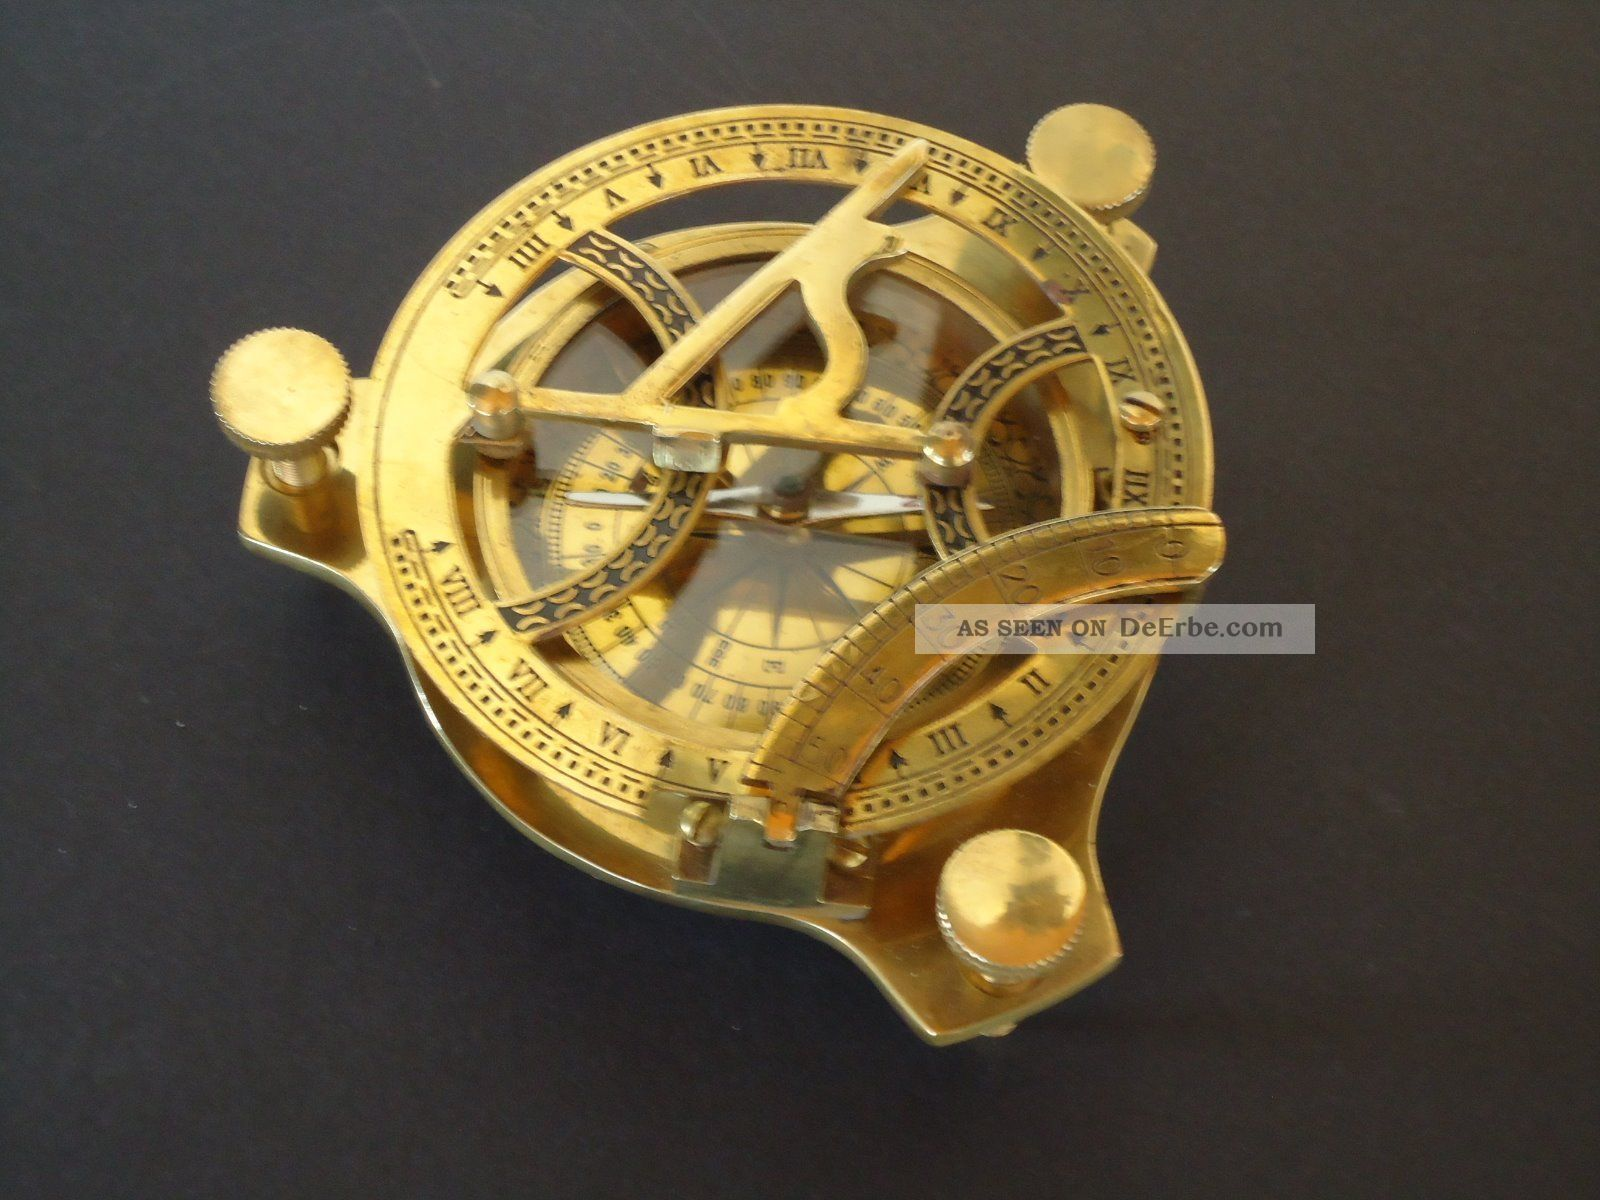 Peil - Tisch - Kompass Mit Sonnenuhr,  Messing / Seefahrt Technik & Instrumente Bild